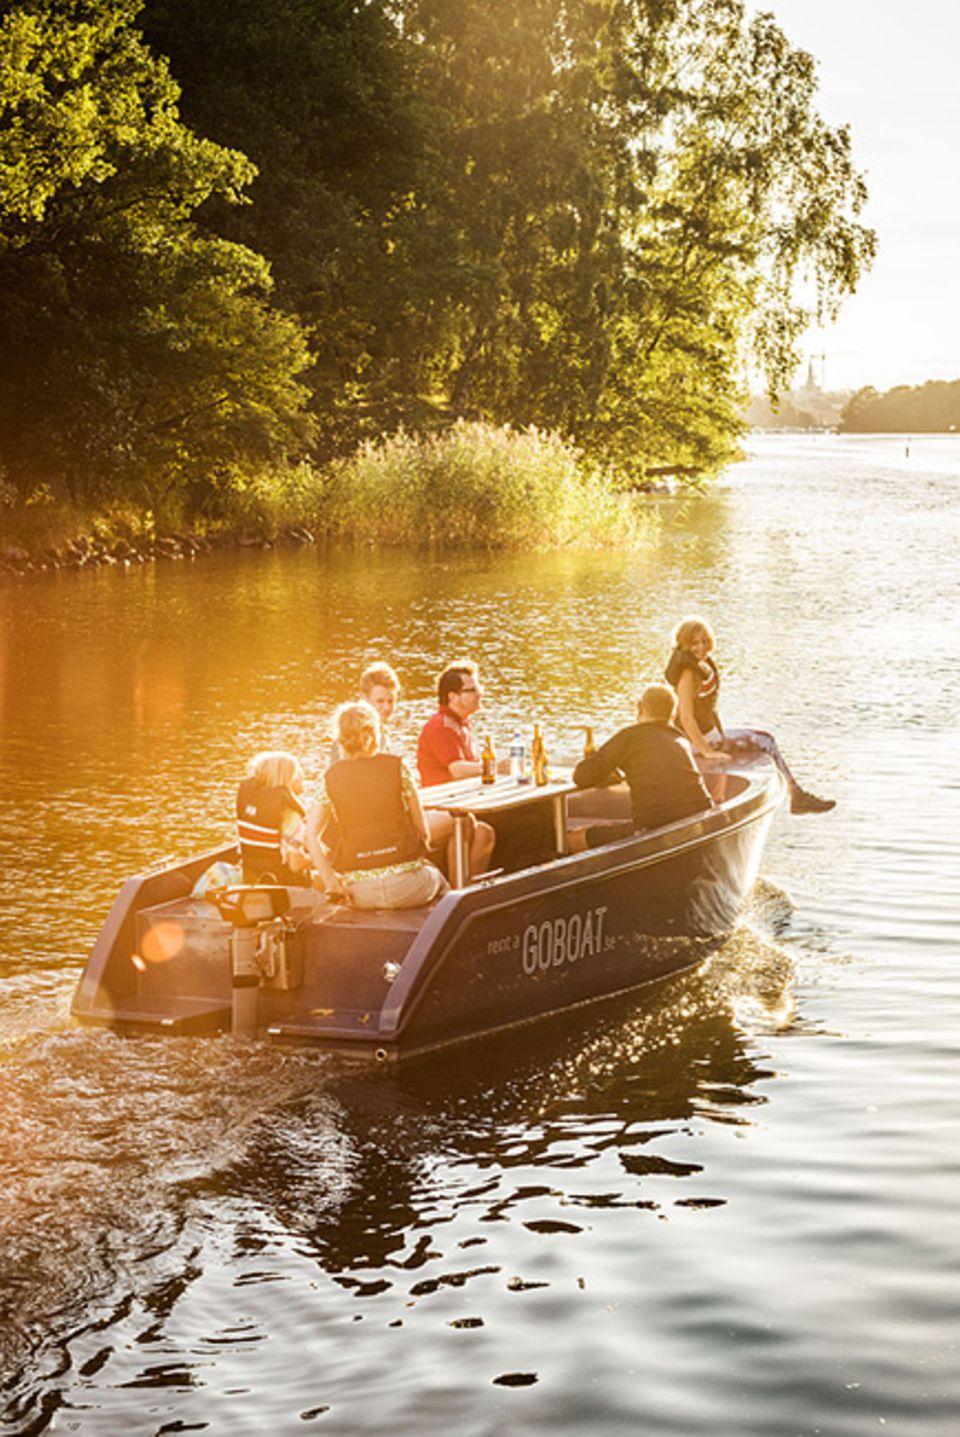 Reisetipps für Slow Traveller: Seelenfrieden gesucht und gefunden: Lautlos gleiten die Solarboote von Go-Boat durch die Kanäle